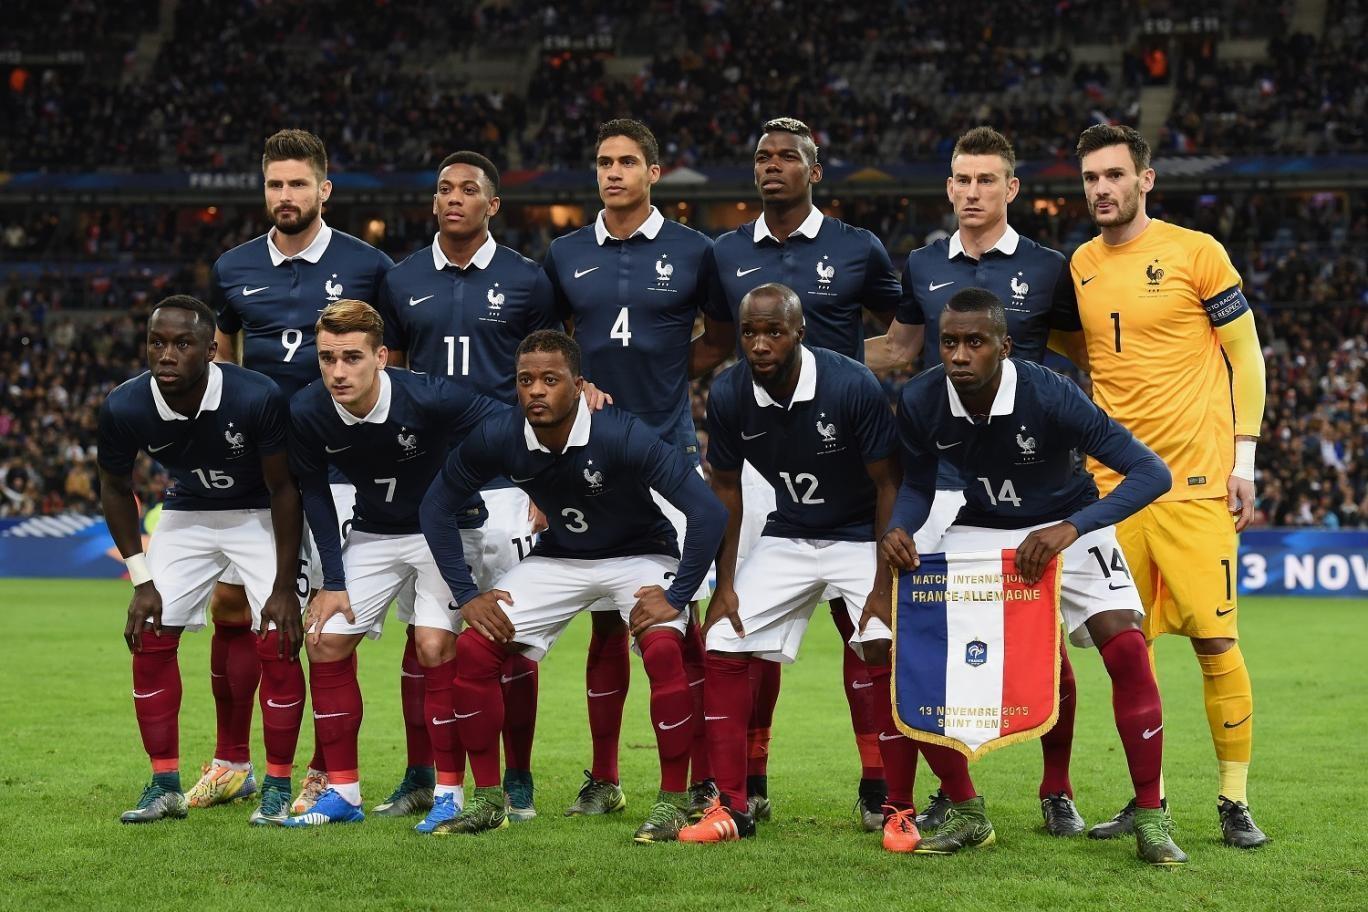 7bd0a674a82 Prantsusmaa rahvuskoondis: tugevad asjaolude kiuste | Sportland Magazine